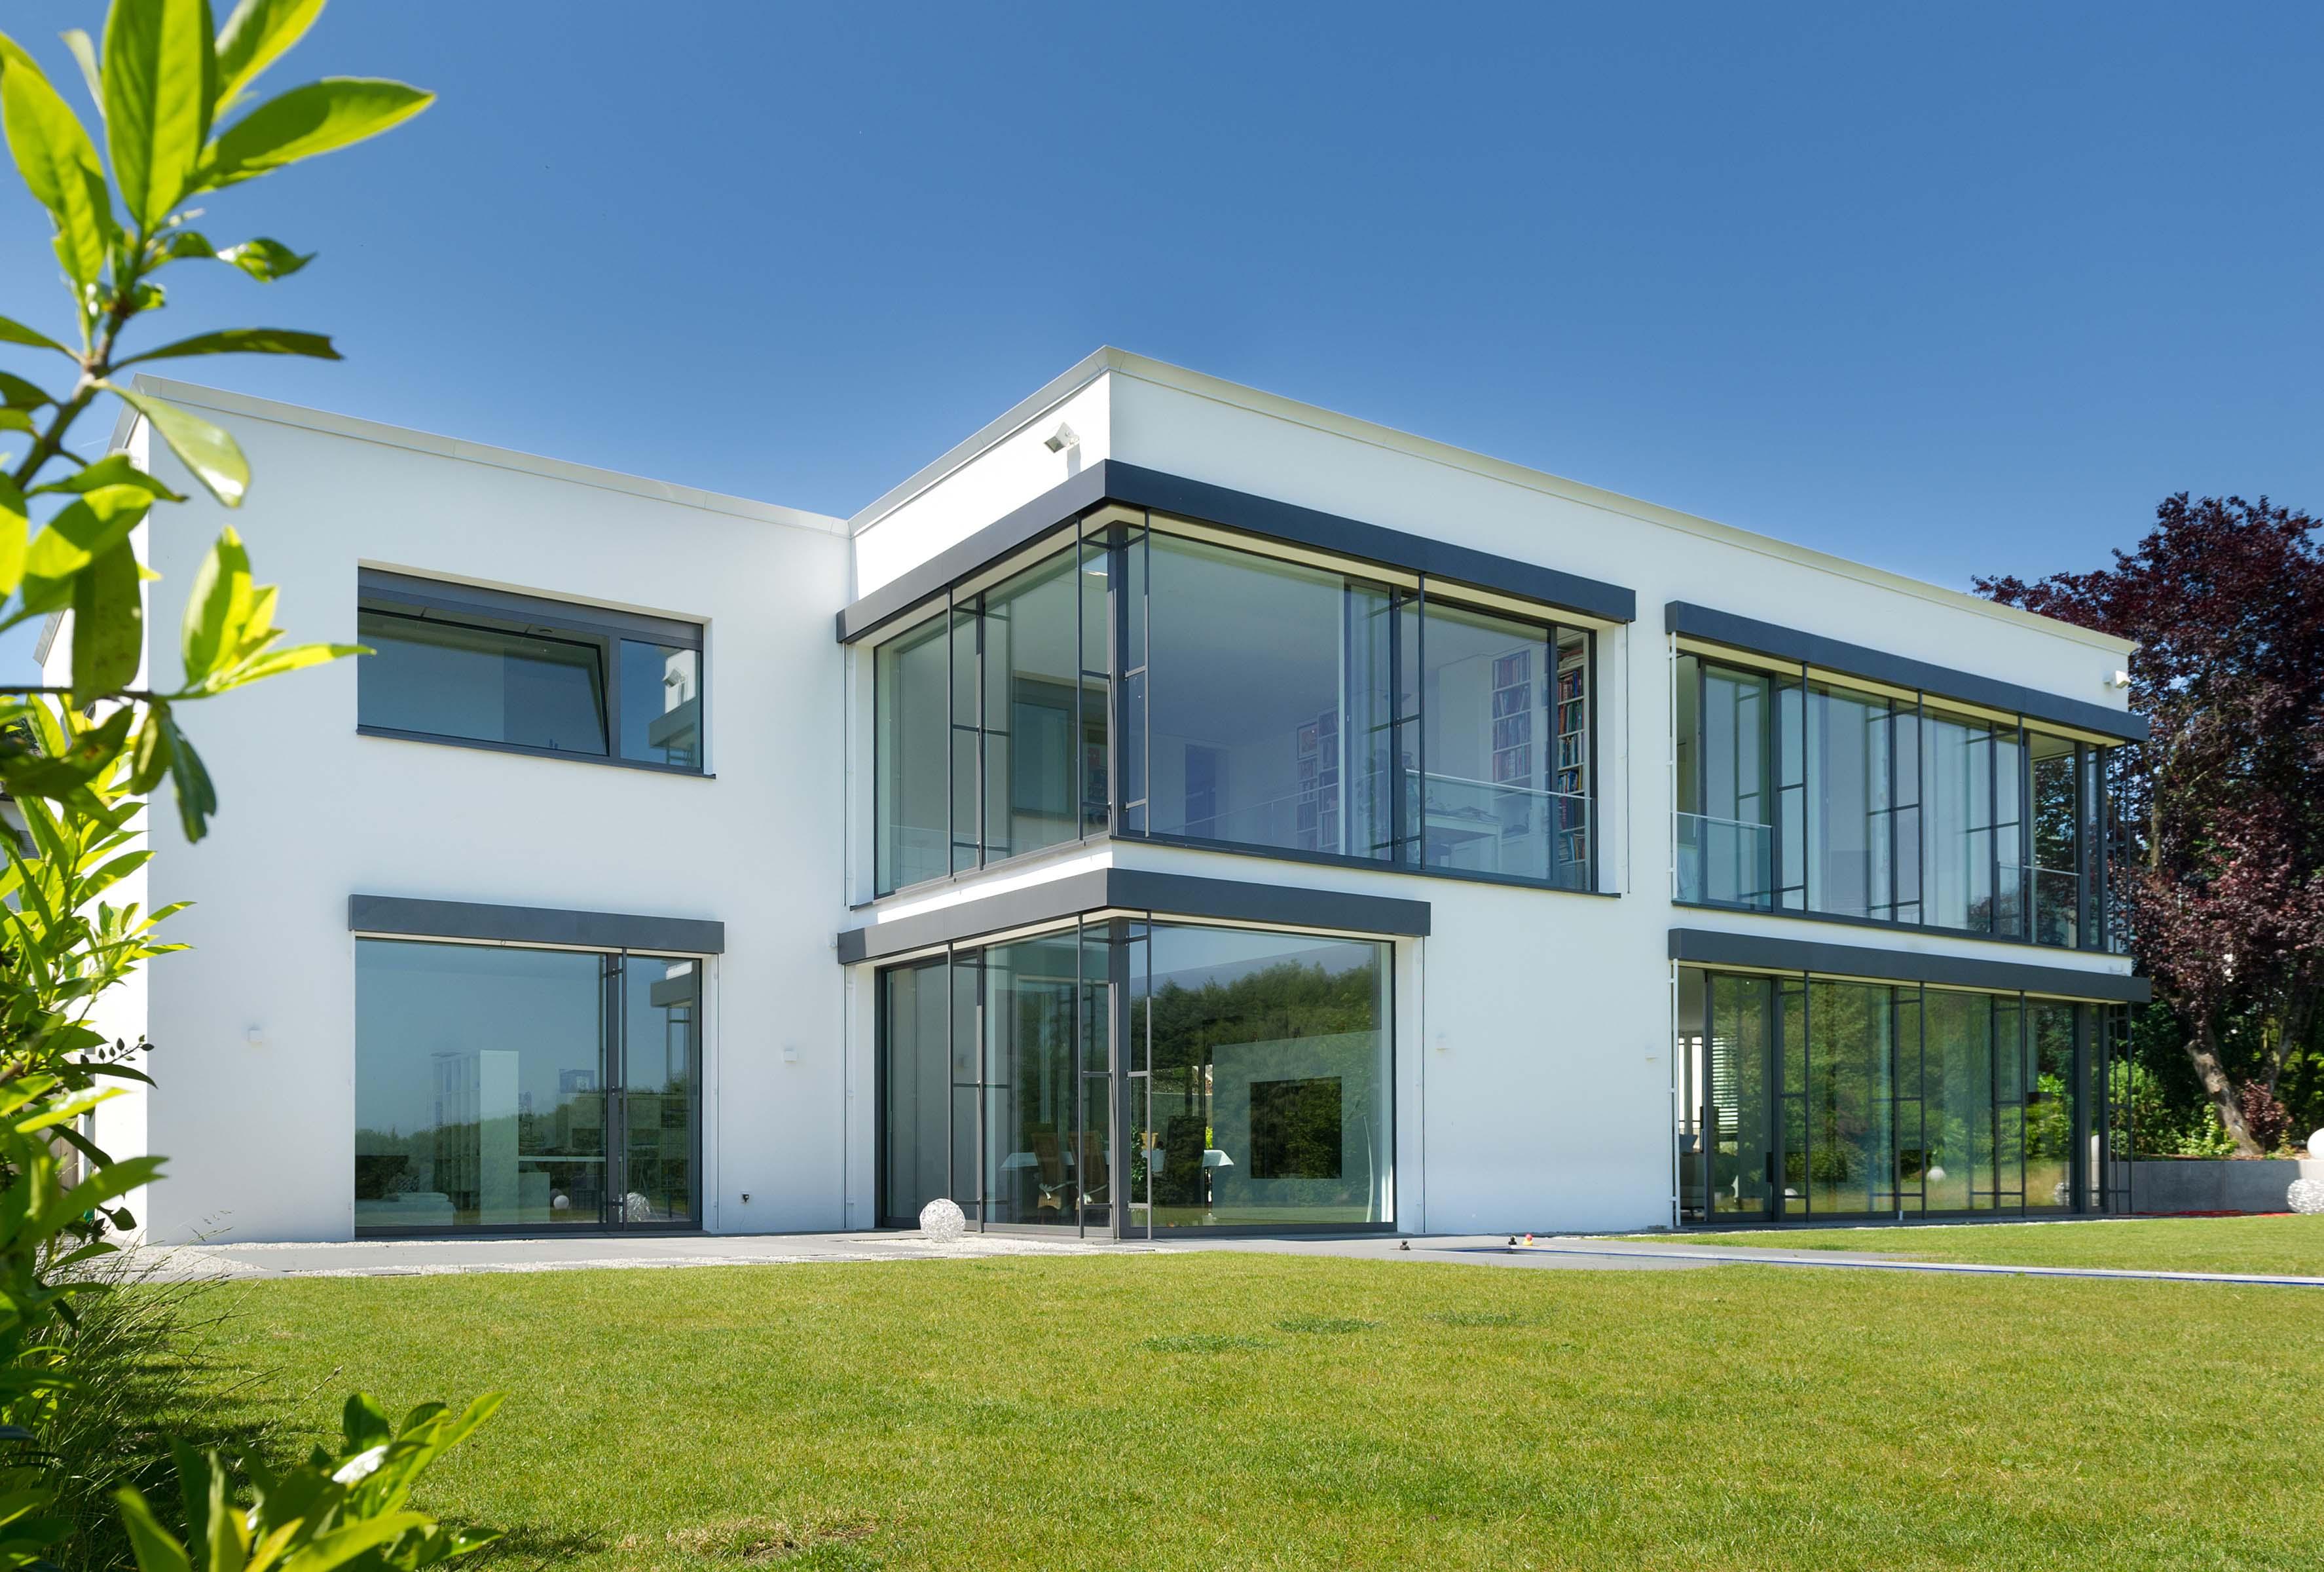 Wohnhaus mit Glasfassade